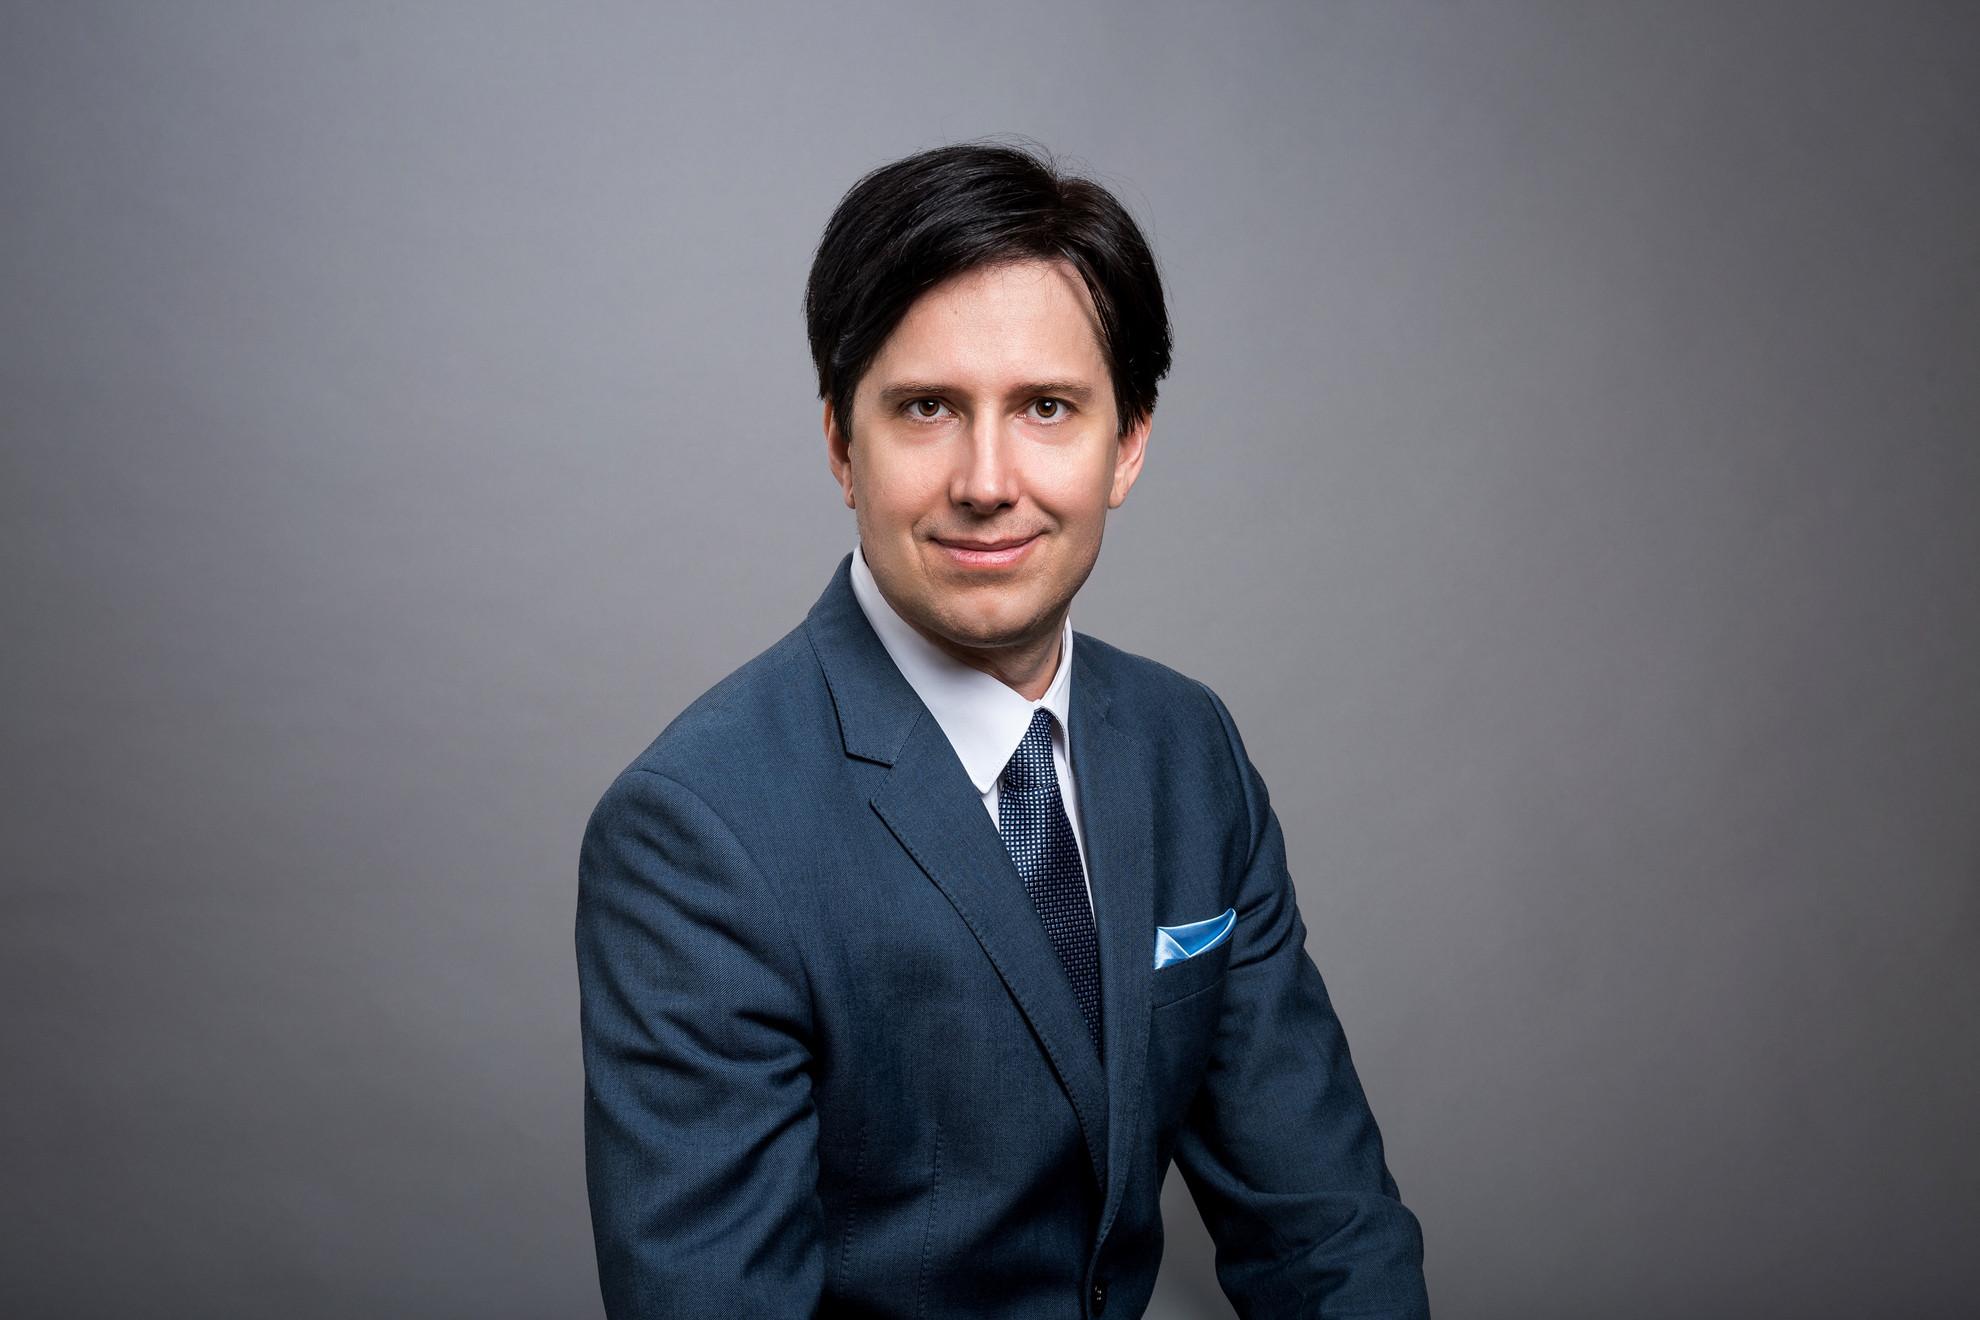 Papp-Váry Árpád a Budapesti Metropolitan Egyetem Üzleti, Kommunikációs és Turisztikai Kar dékánja, a Magyar Marketing Szövetség alelnöke